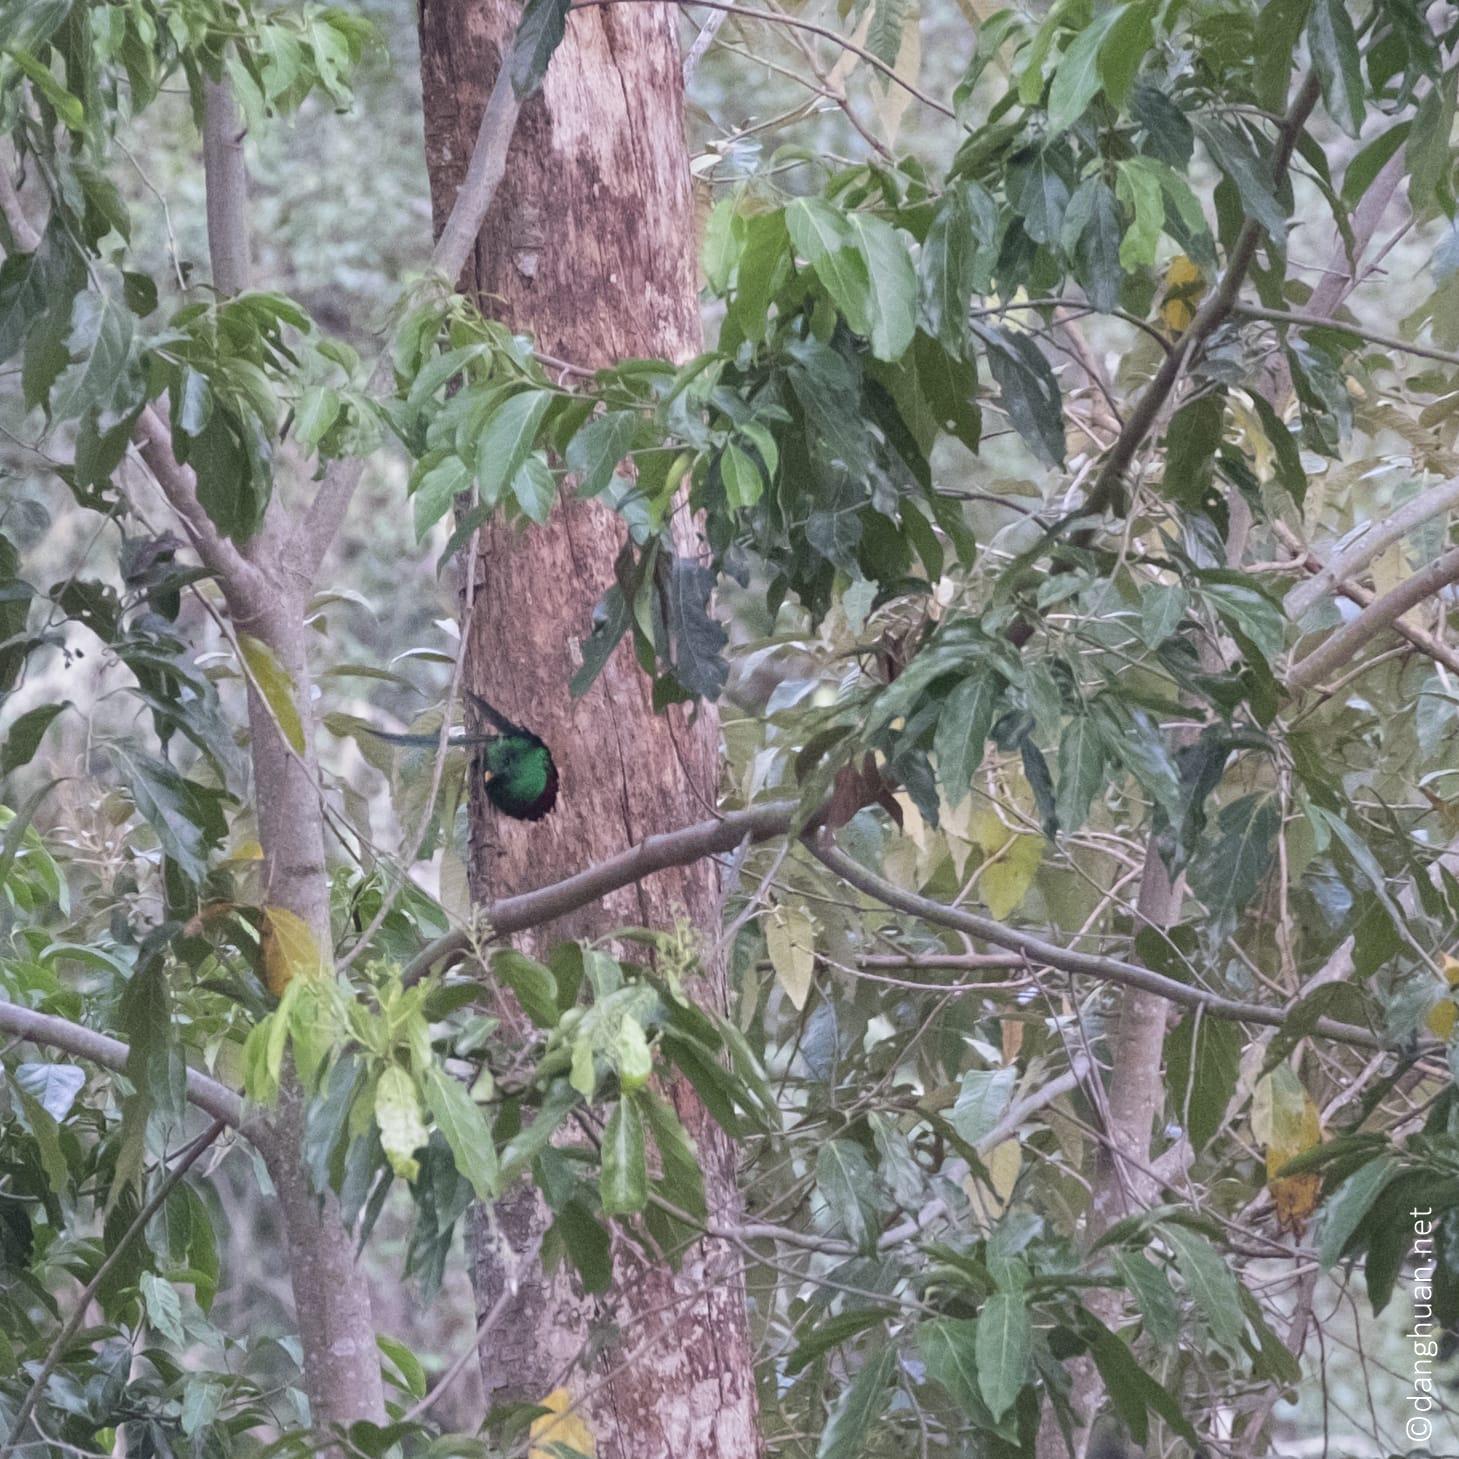 Nid de quetzal resplendissant vers 2000m, le mâle sort en fin d'après midi pour aller se nourir